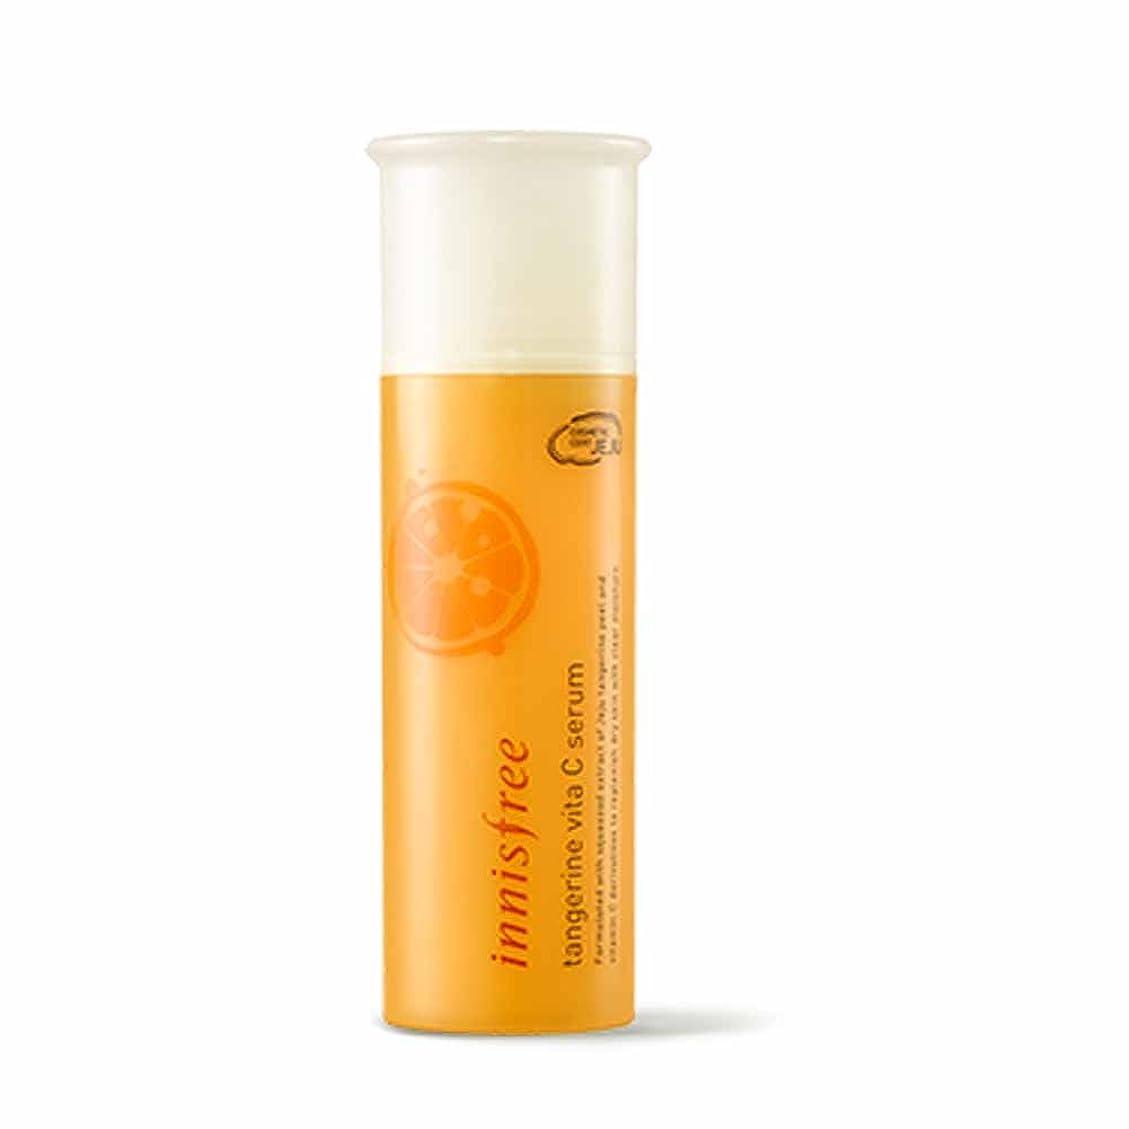 期限切れ上げる困惑するイニスフリータンジェリンビタCセラム50ml Innisfree Tangerine Vita C Serum 50ml [海外直送品][並行輸入品]